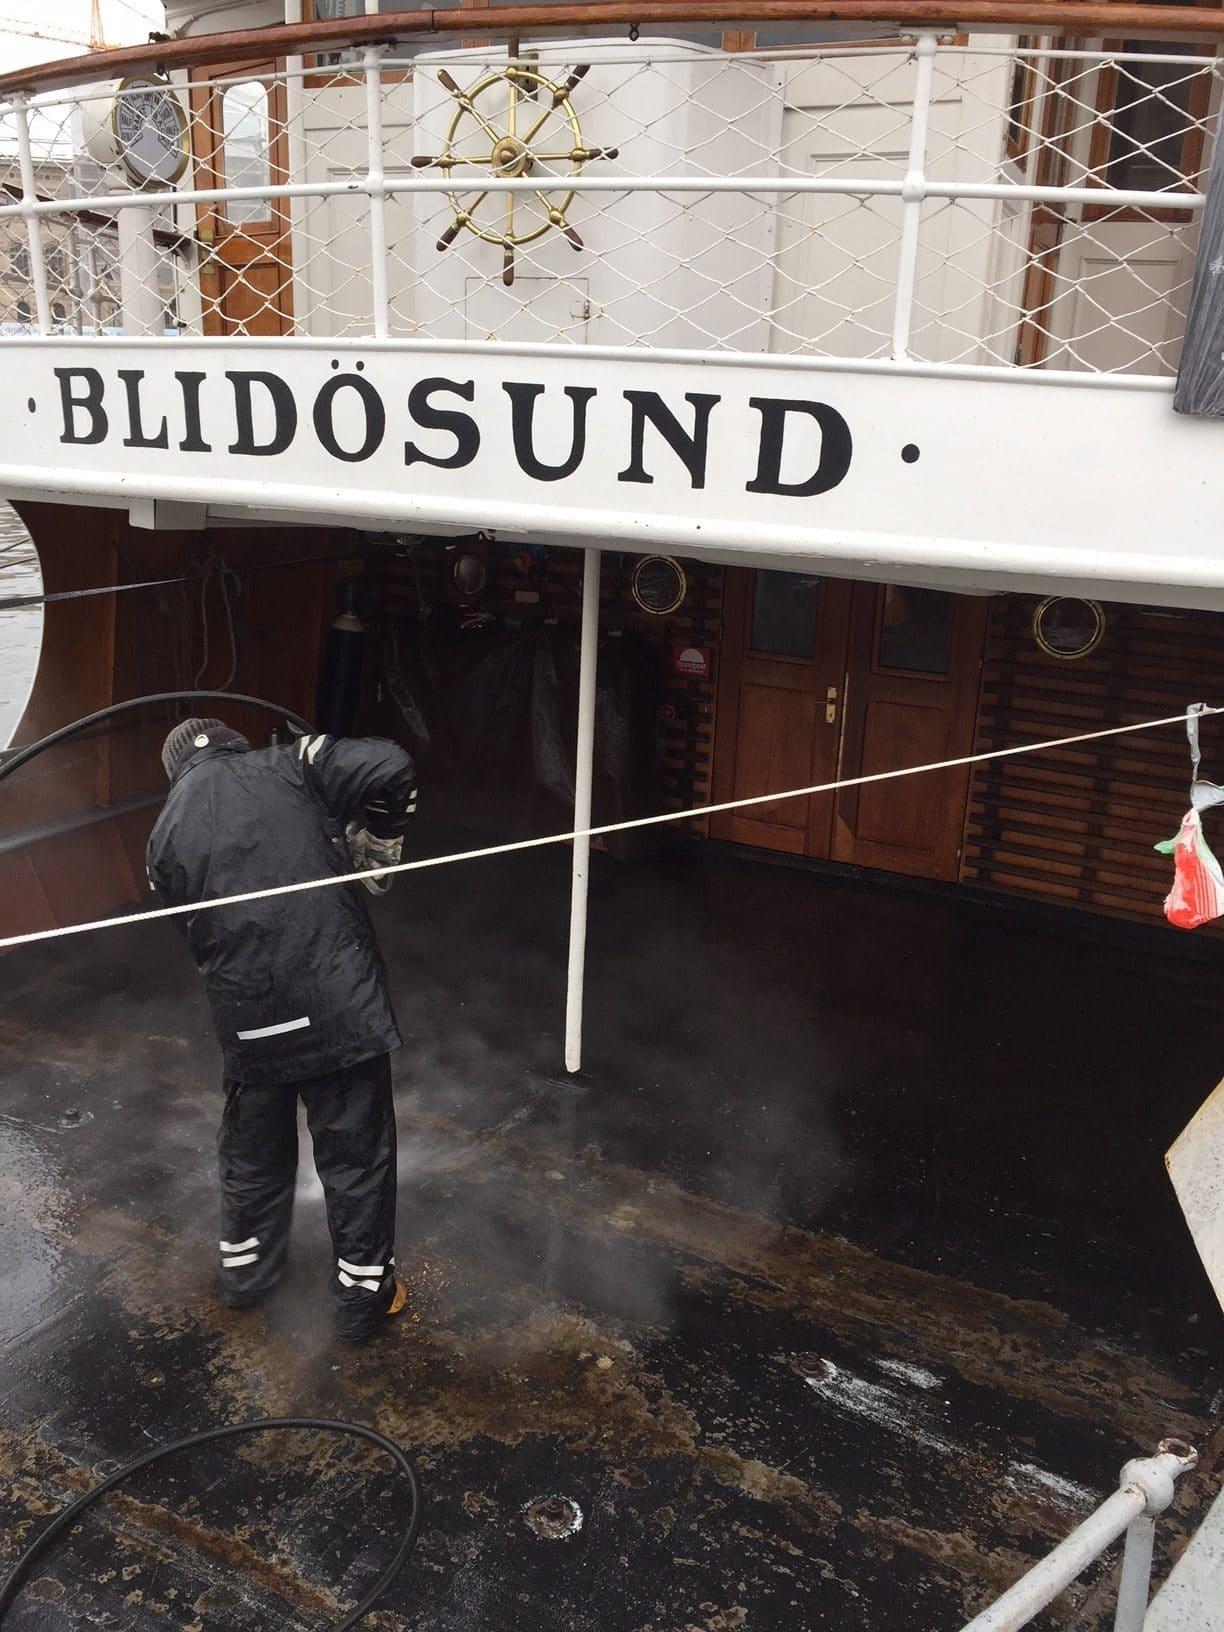 Allblästring vattenblästring ångfartyget blidösund 01